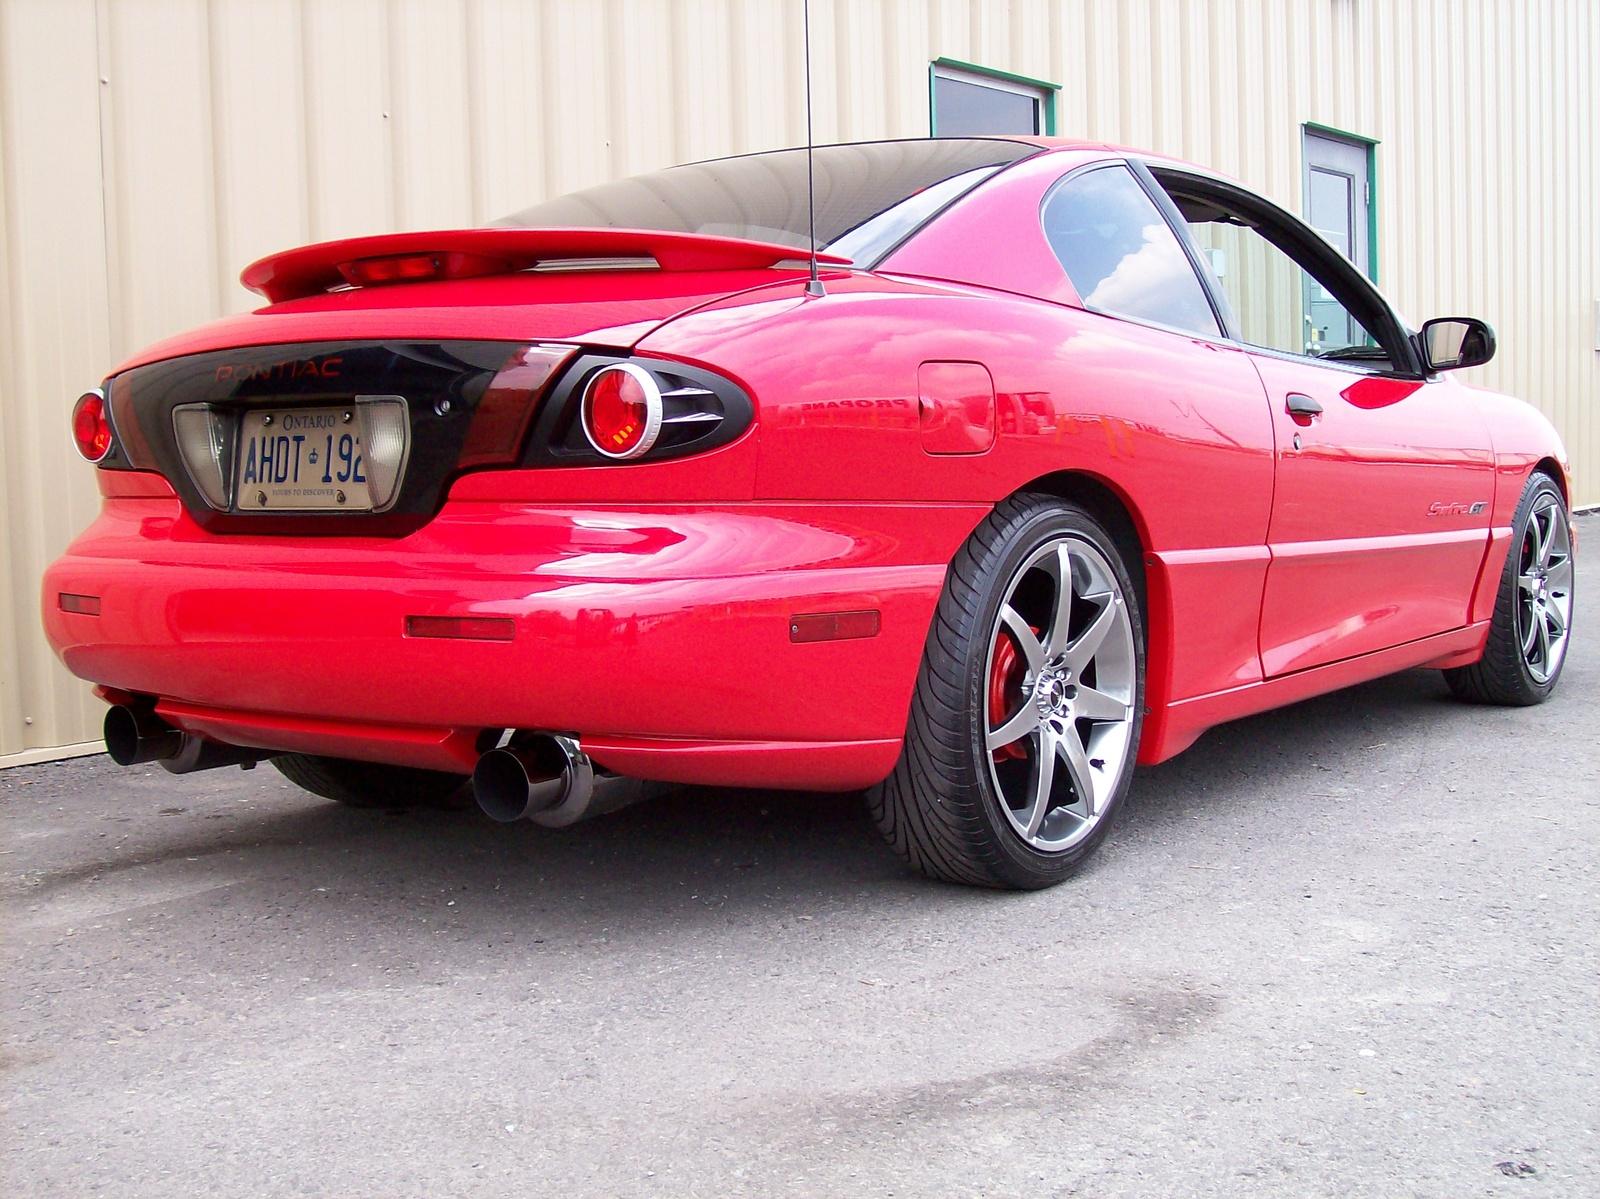 Pontiac Sunfire Coupe